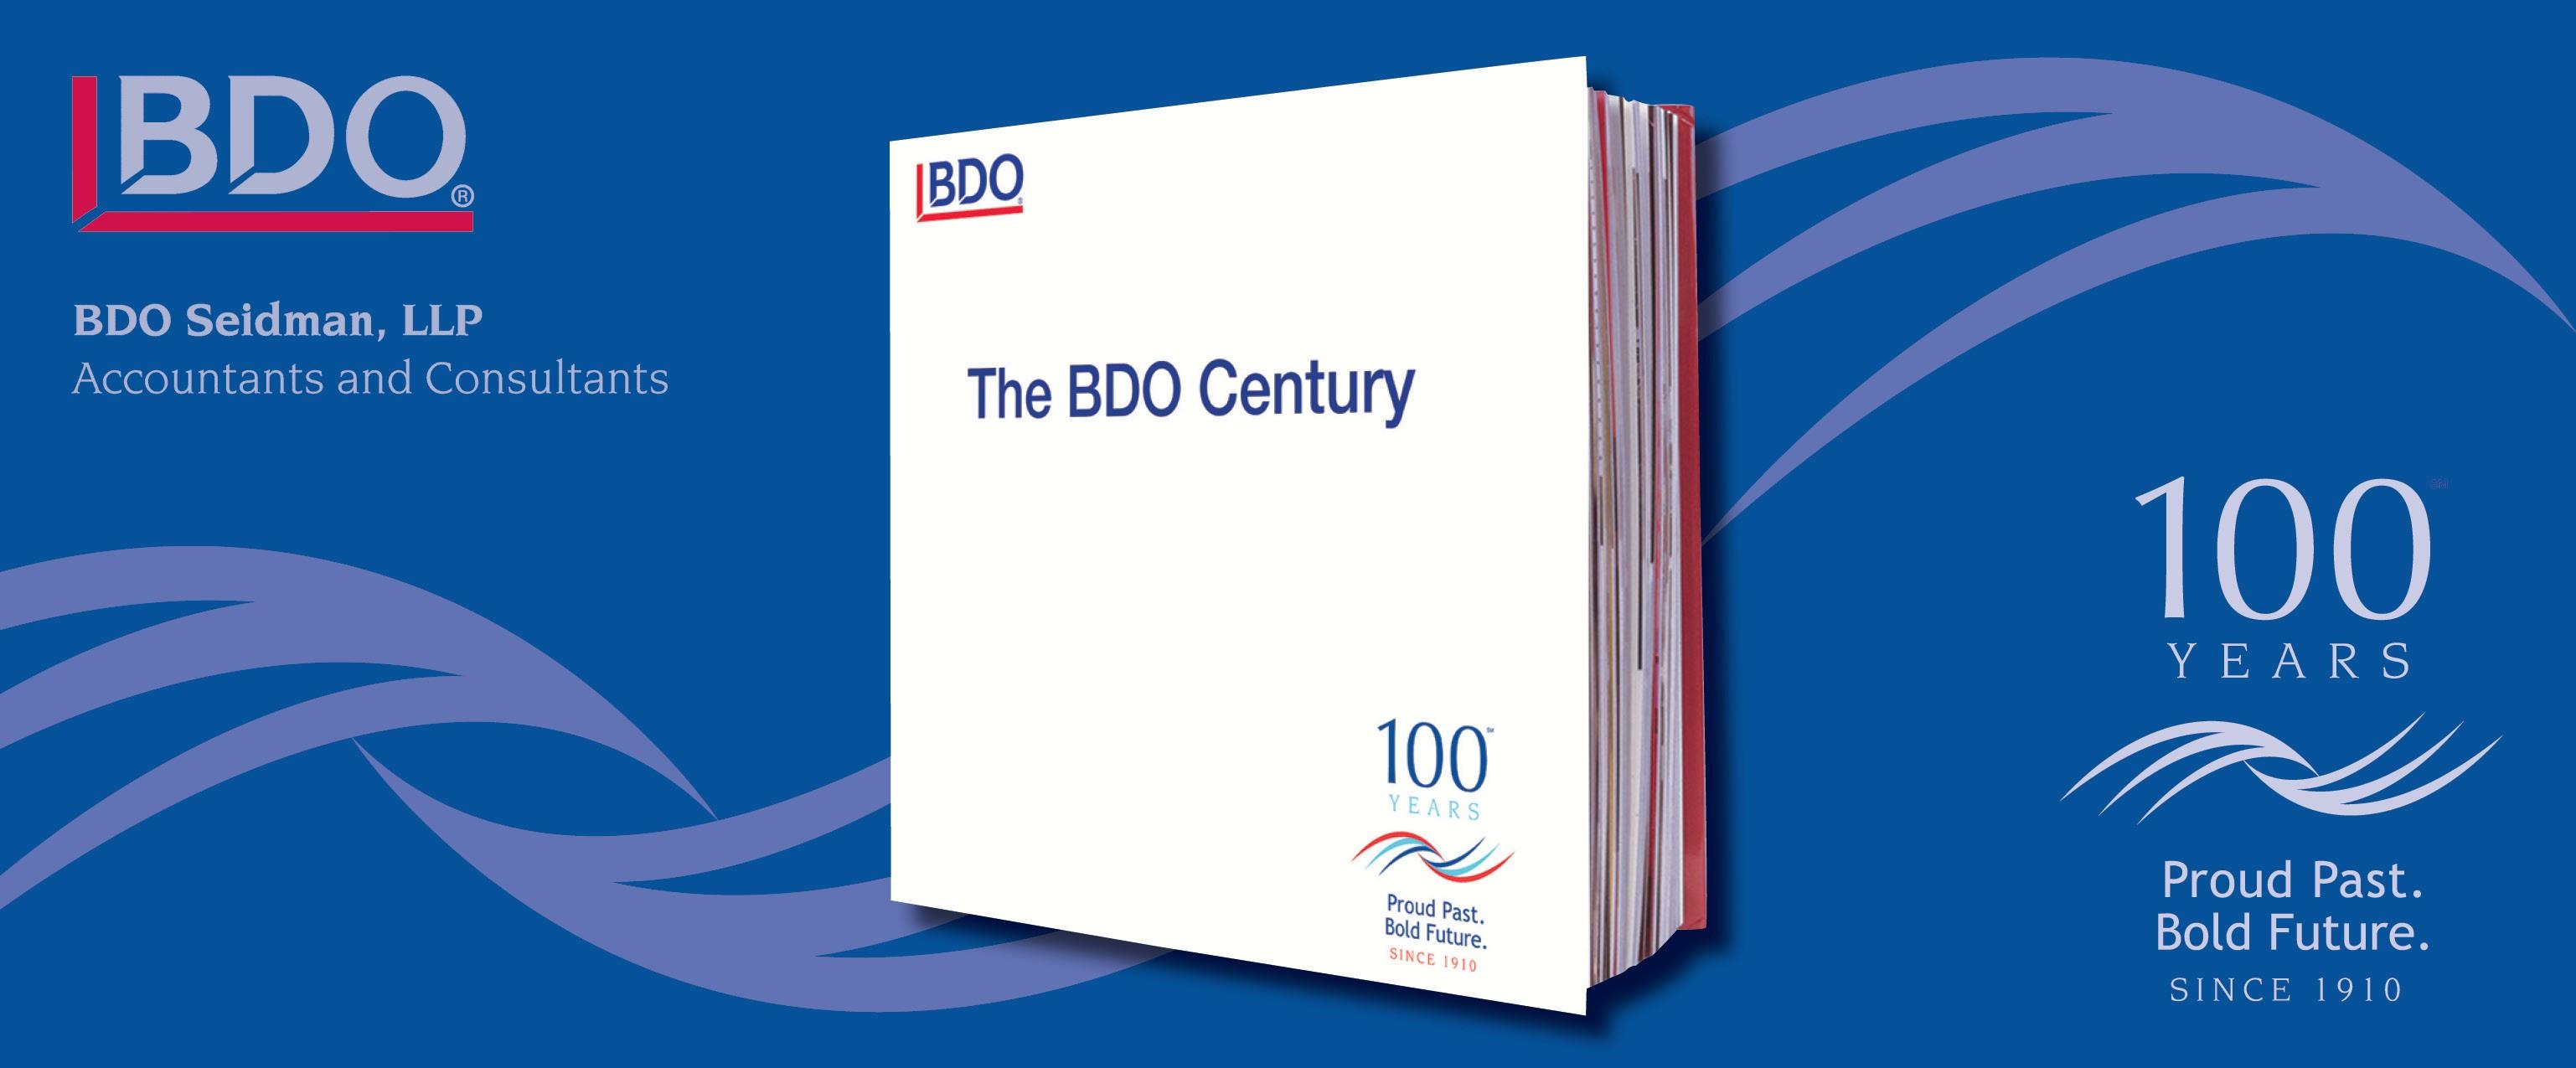 BDO Web Image